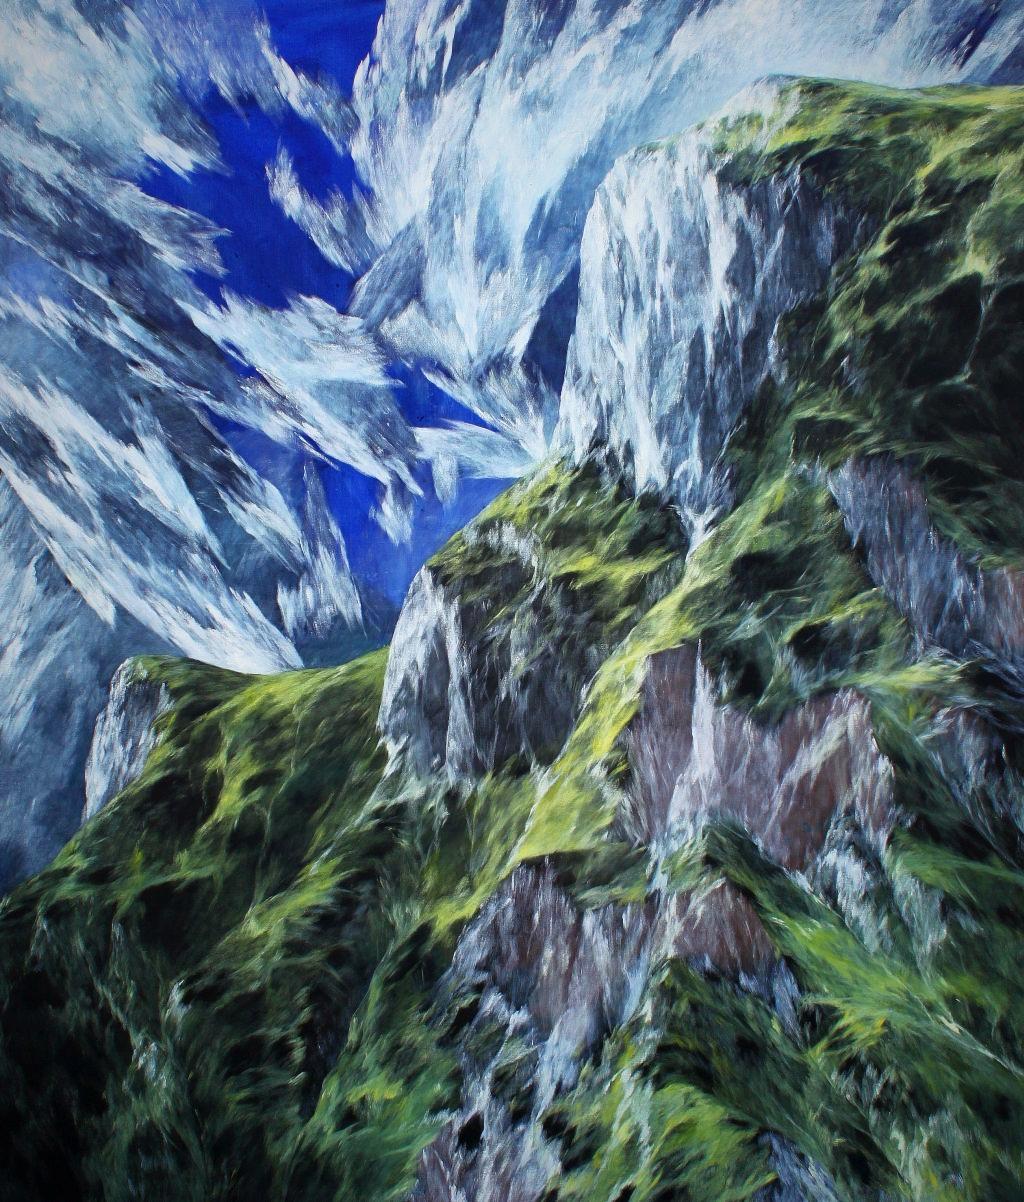 Josef Taucher, Aufwind 15, Feb. 2015, Öl/Molino, 180 x 150 cm © Josef Taucher